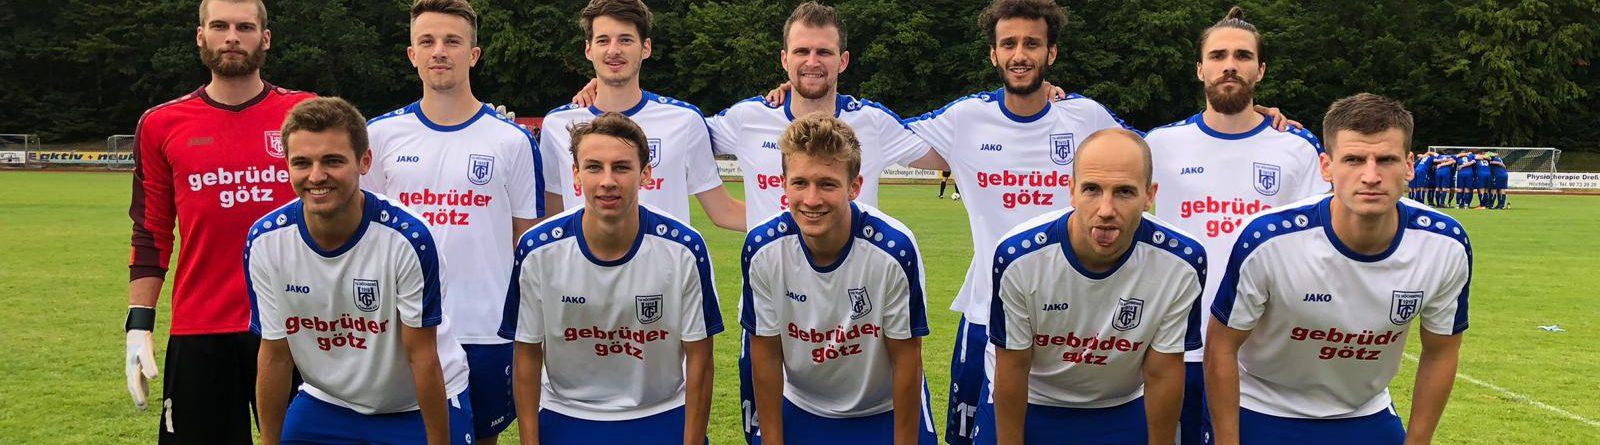 TG Höchberg – 1. Tabellenführer der Landesliga Nordwest 19/20